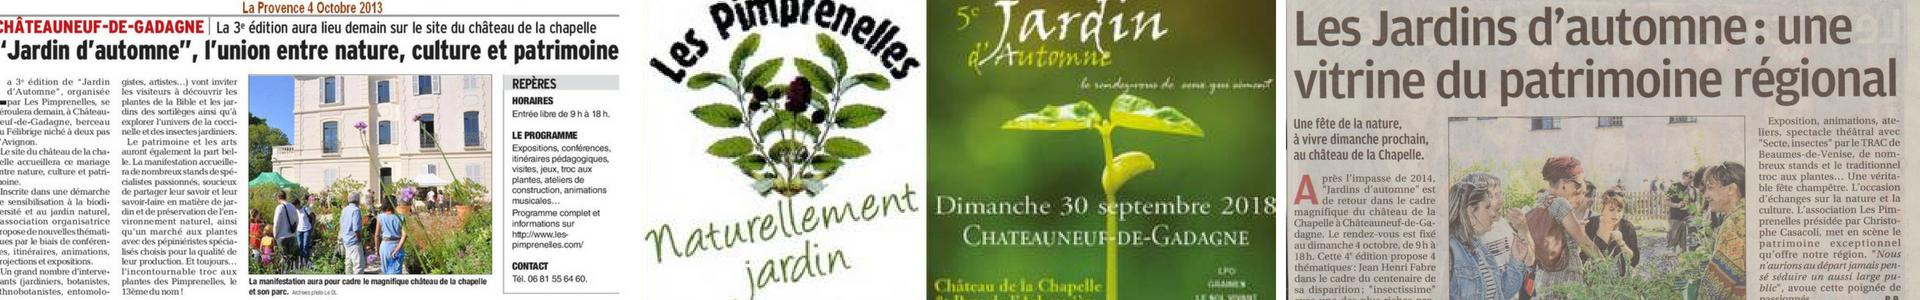 Jardin Dautomne Les Pimprenelles